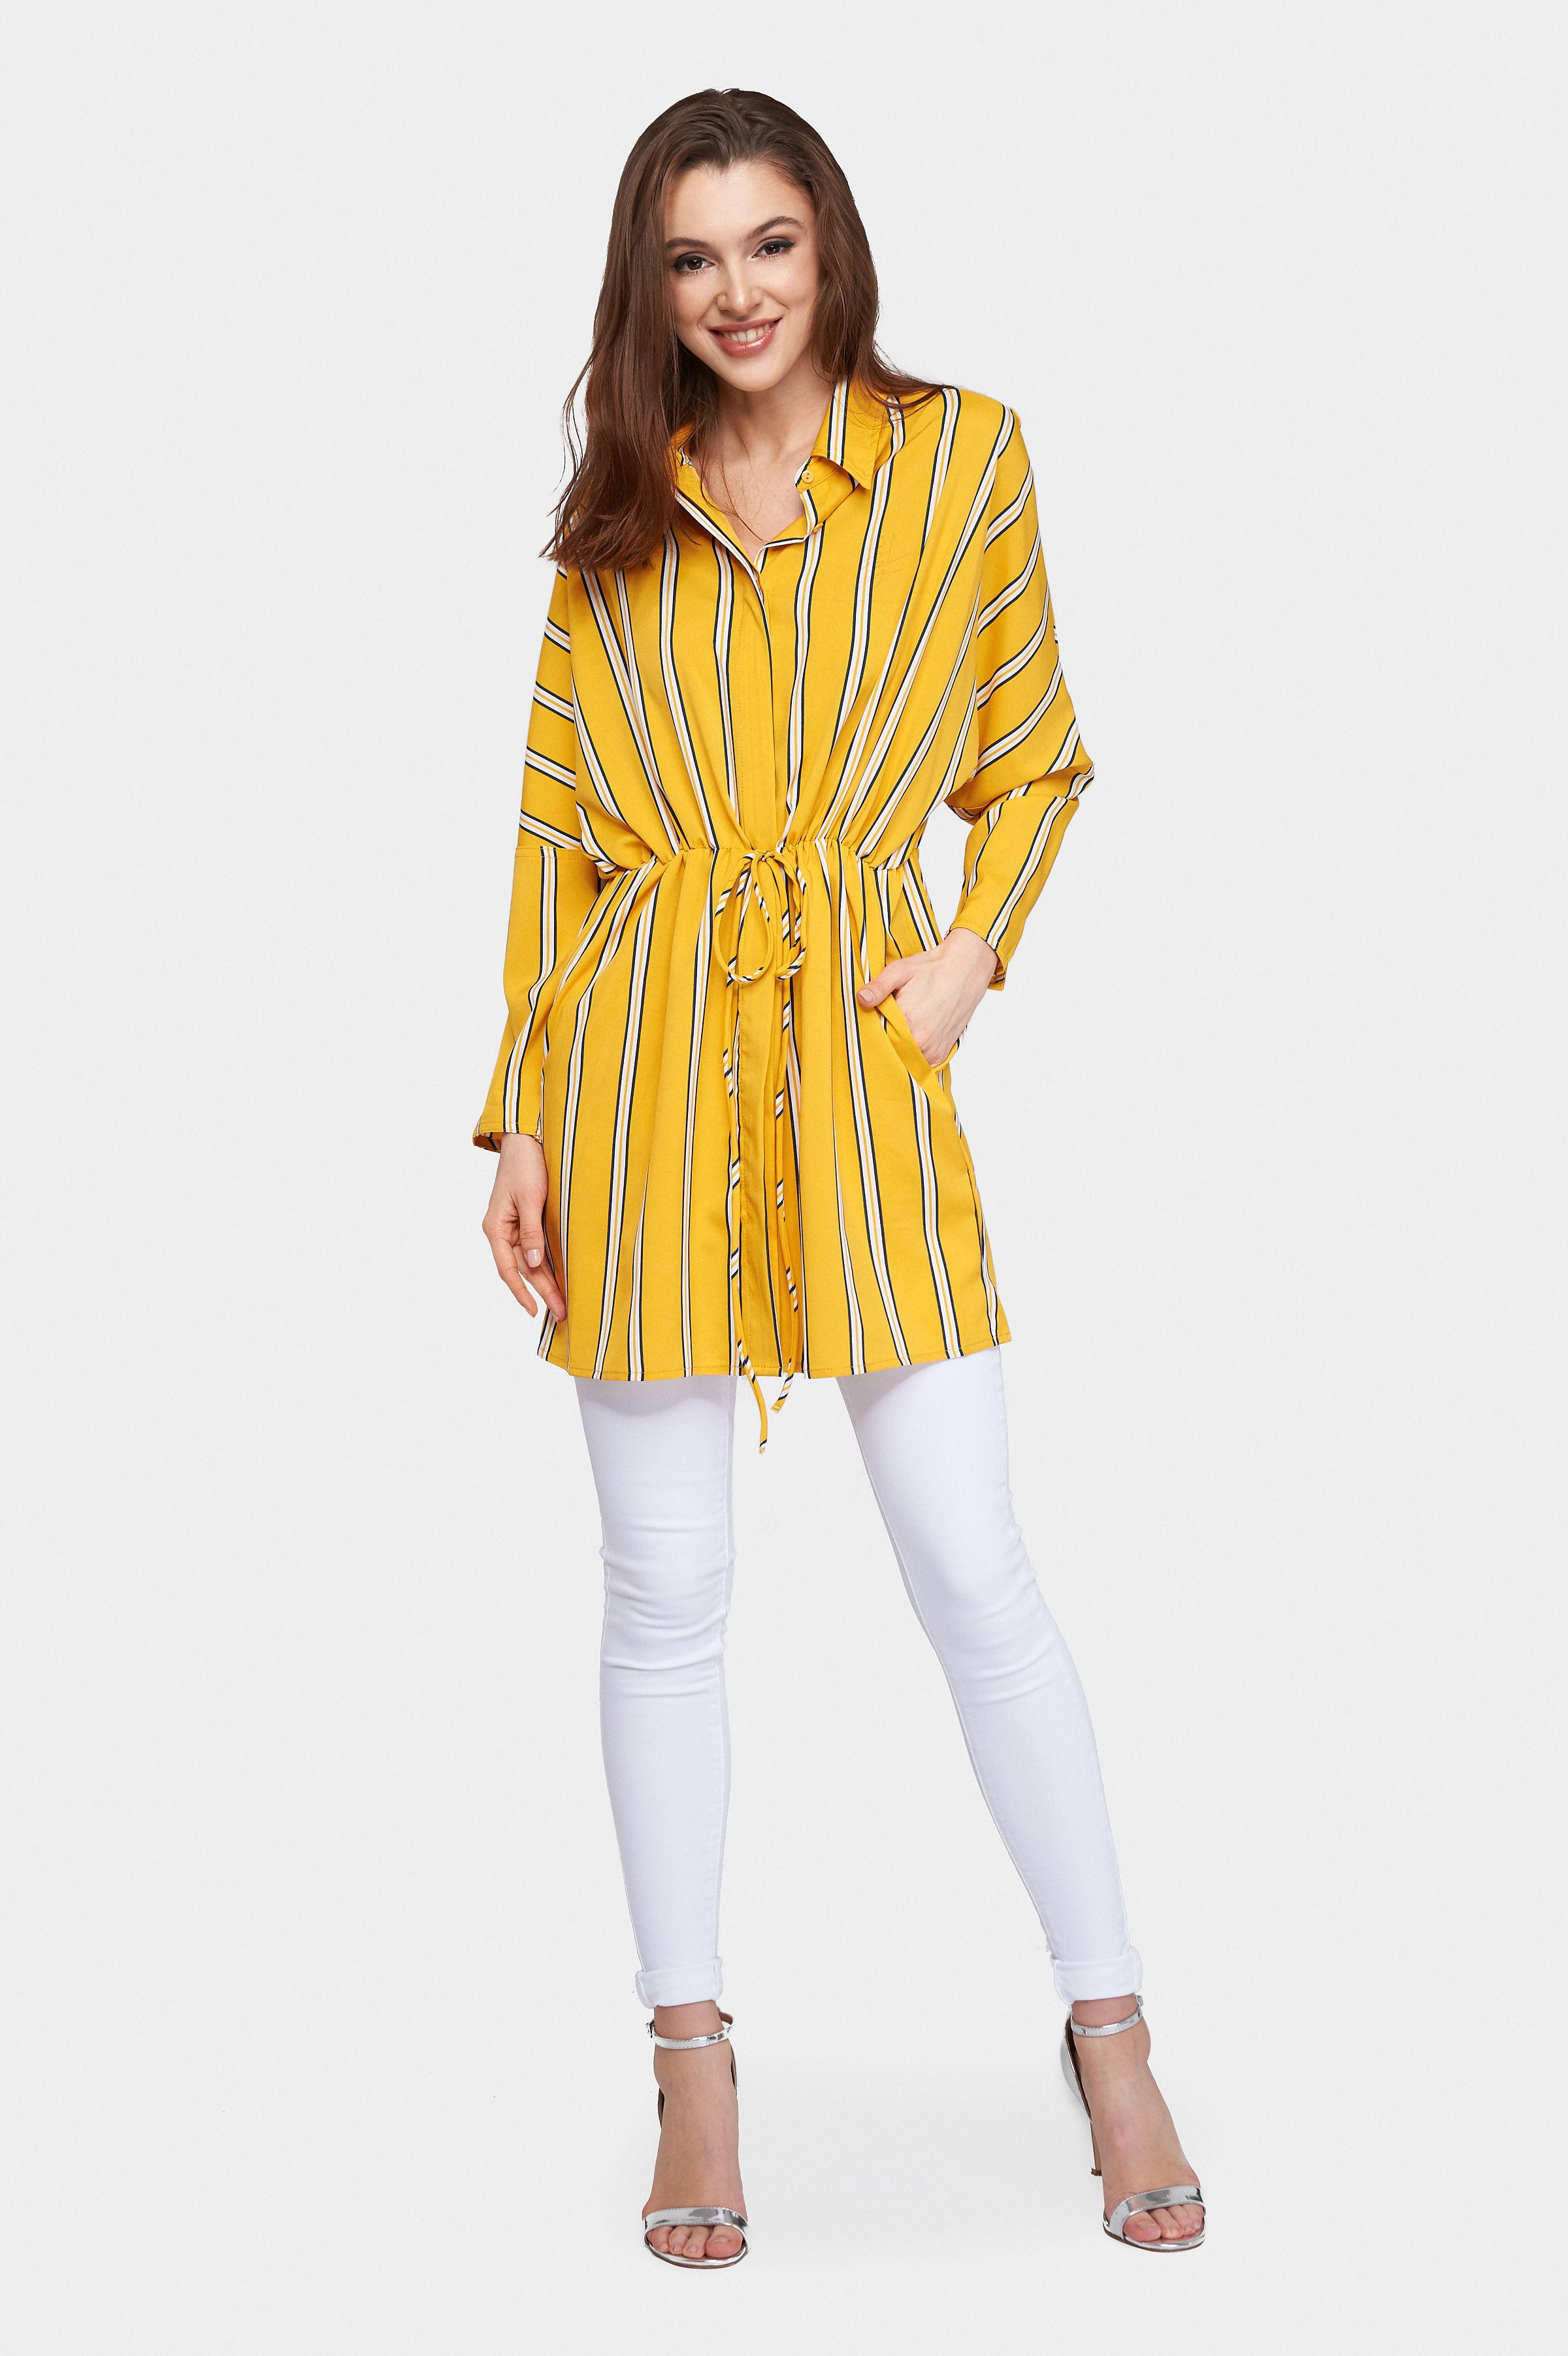 692f6cbcc766 košeľové šaty 37333 - Chantall.sk